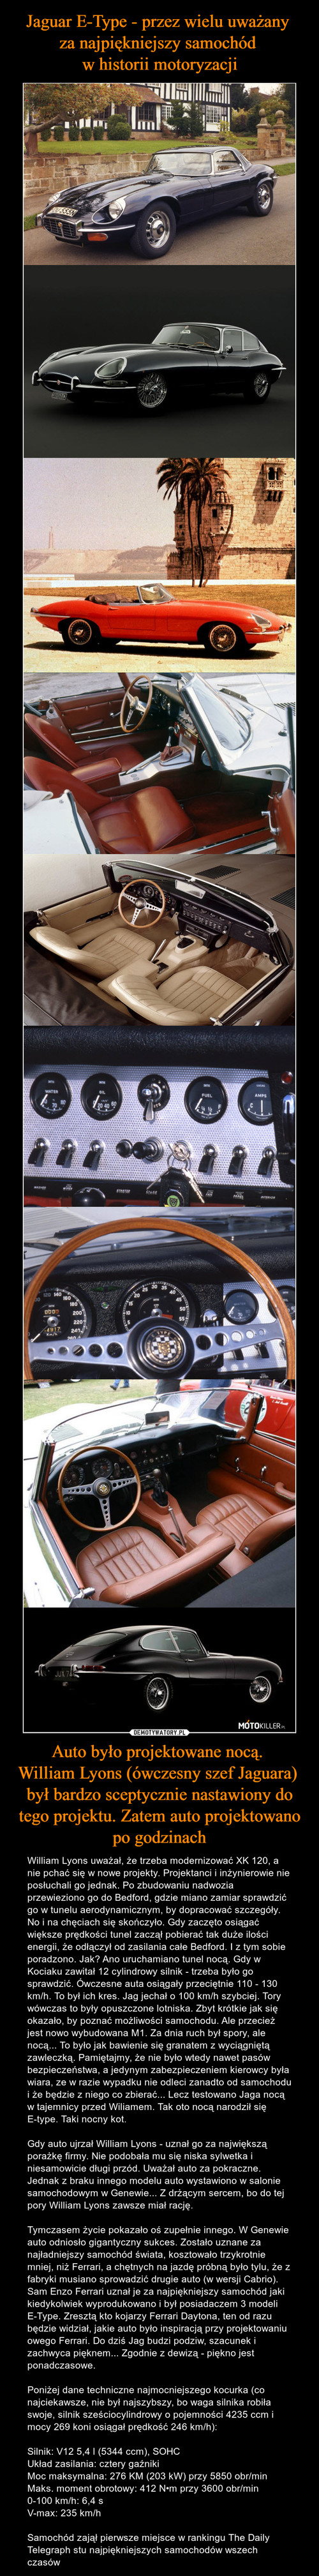 Jaguar E-Type - przez wielu uważany  za najpiękniejszy samochód  w historii motoryzacji Auto było projektowane nocą.  William Lyons (ówczesny szef Jaguara)  był bardzo sceptycznie nastawiony do tego projektu. Zatem auto projektowano po godzinach